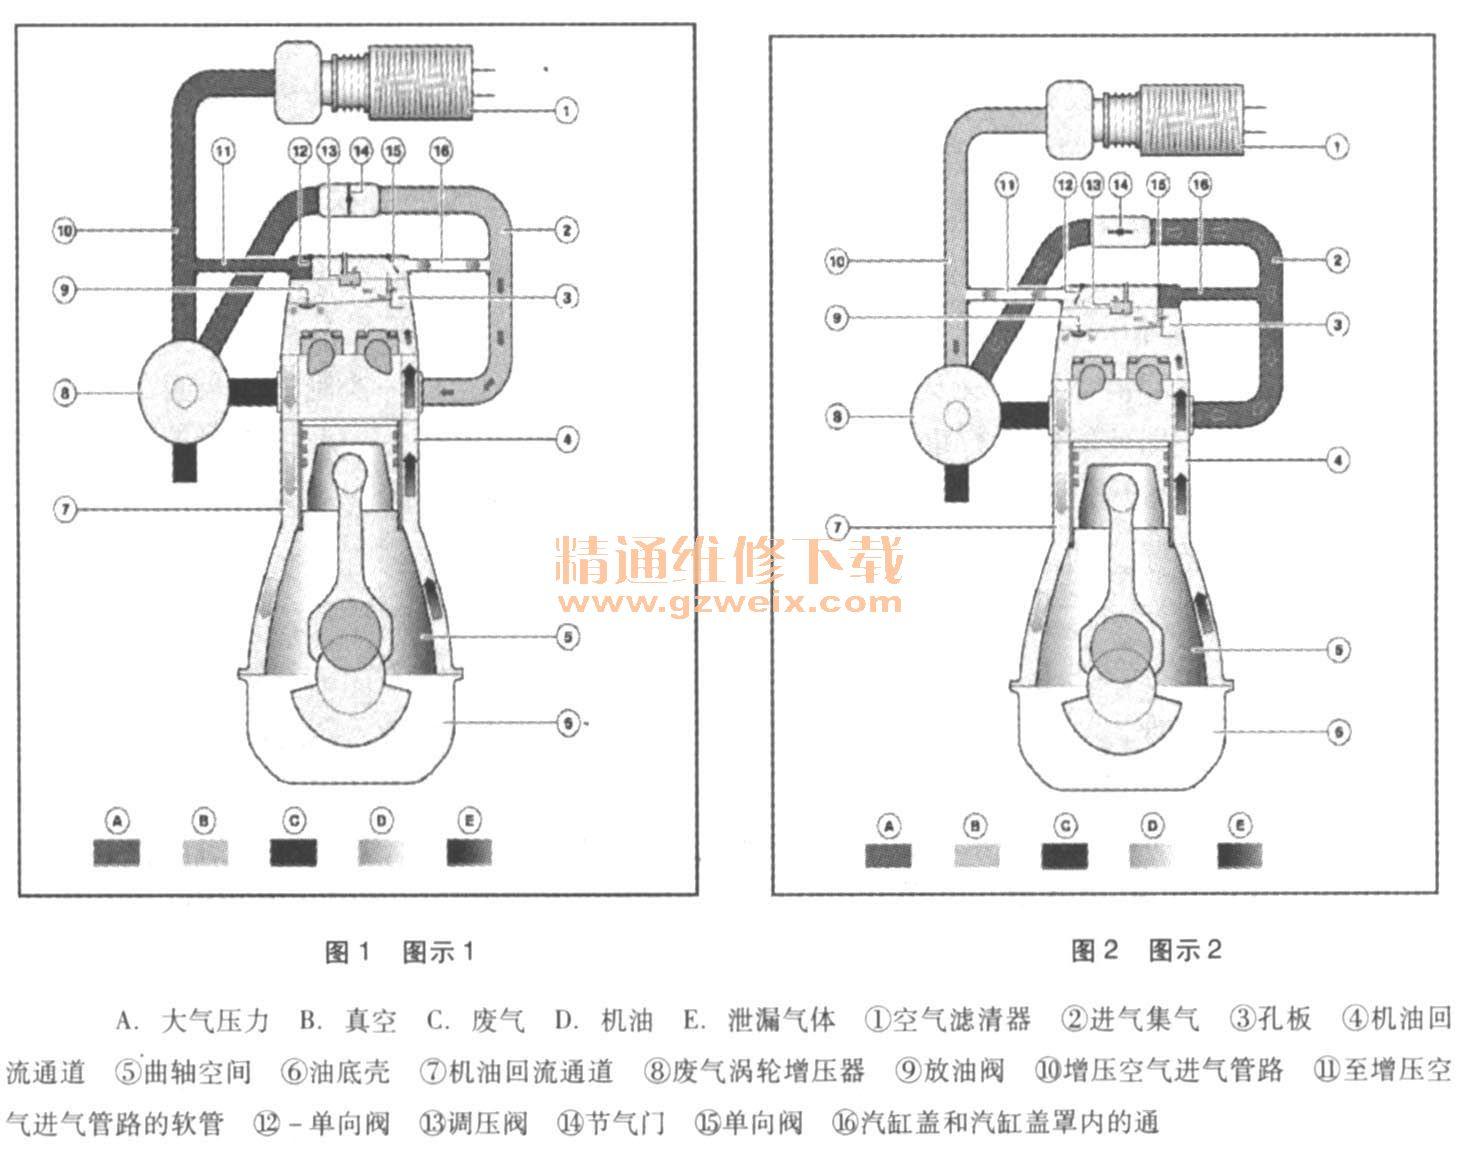 宝马n55发动机曲轴后油封异响分析